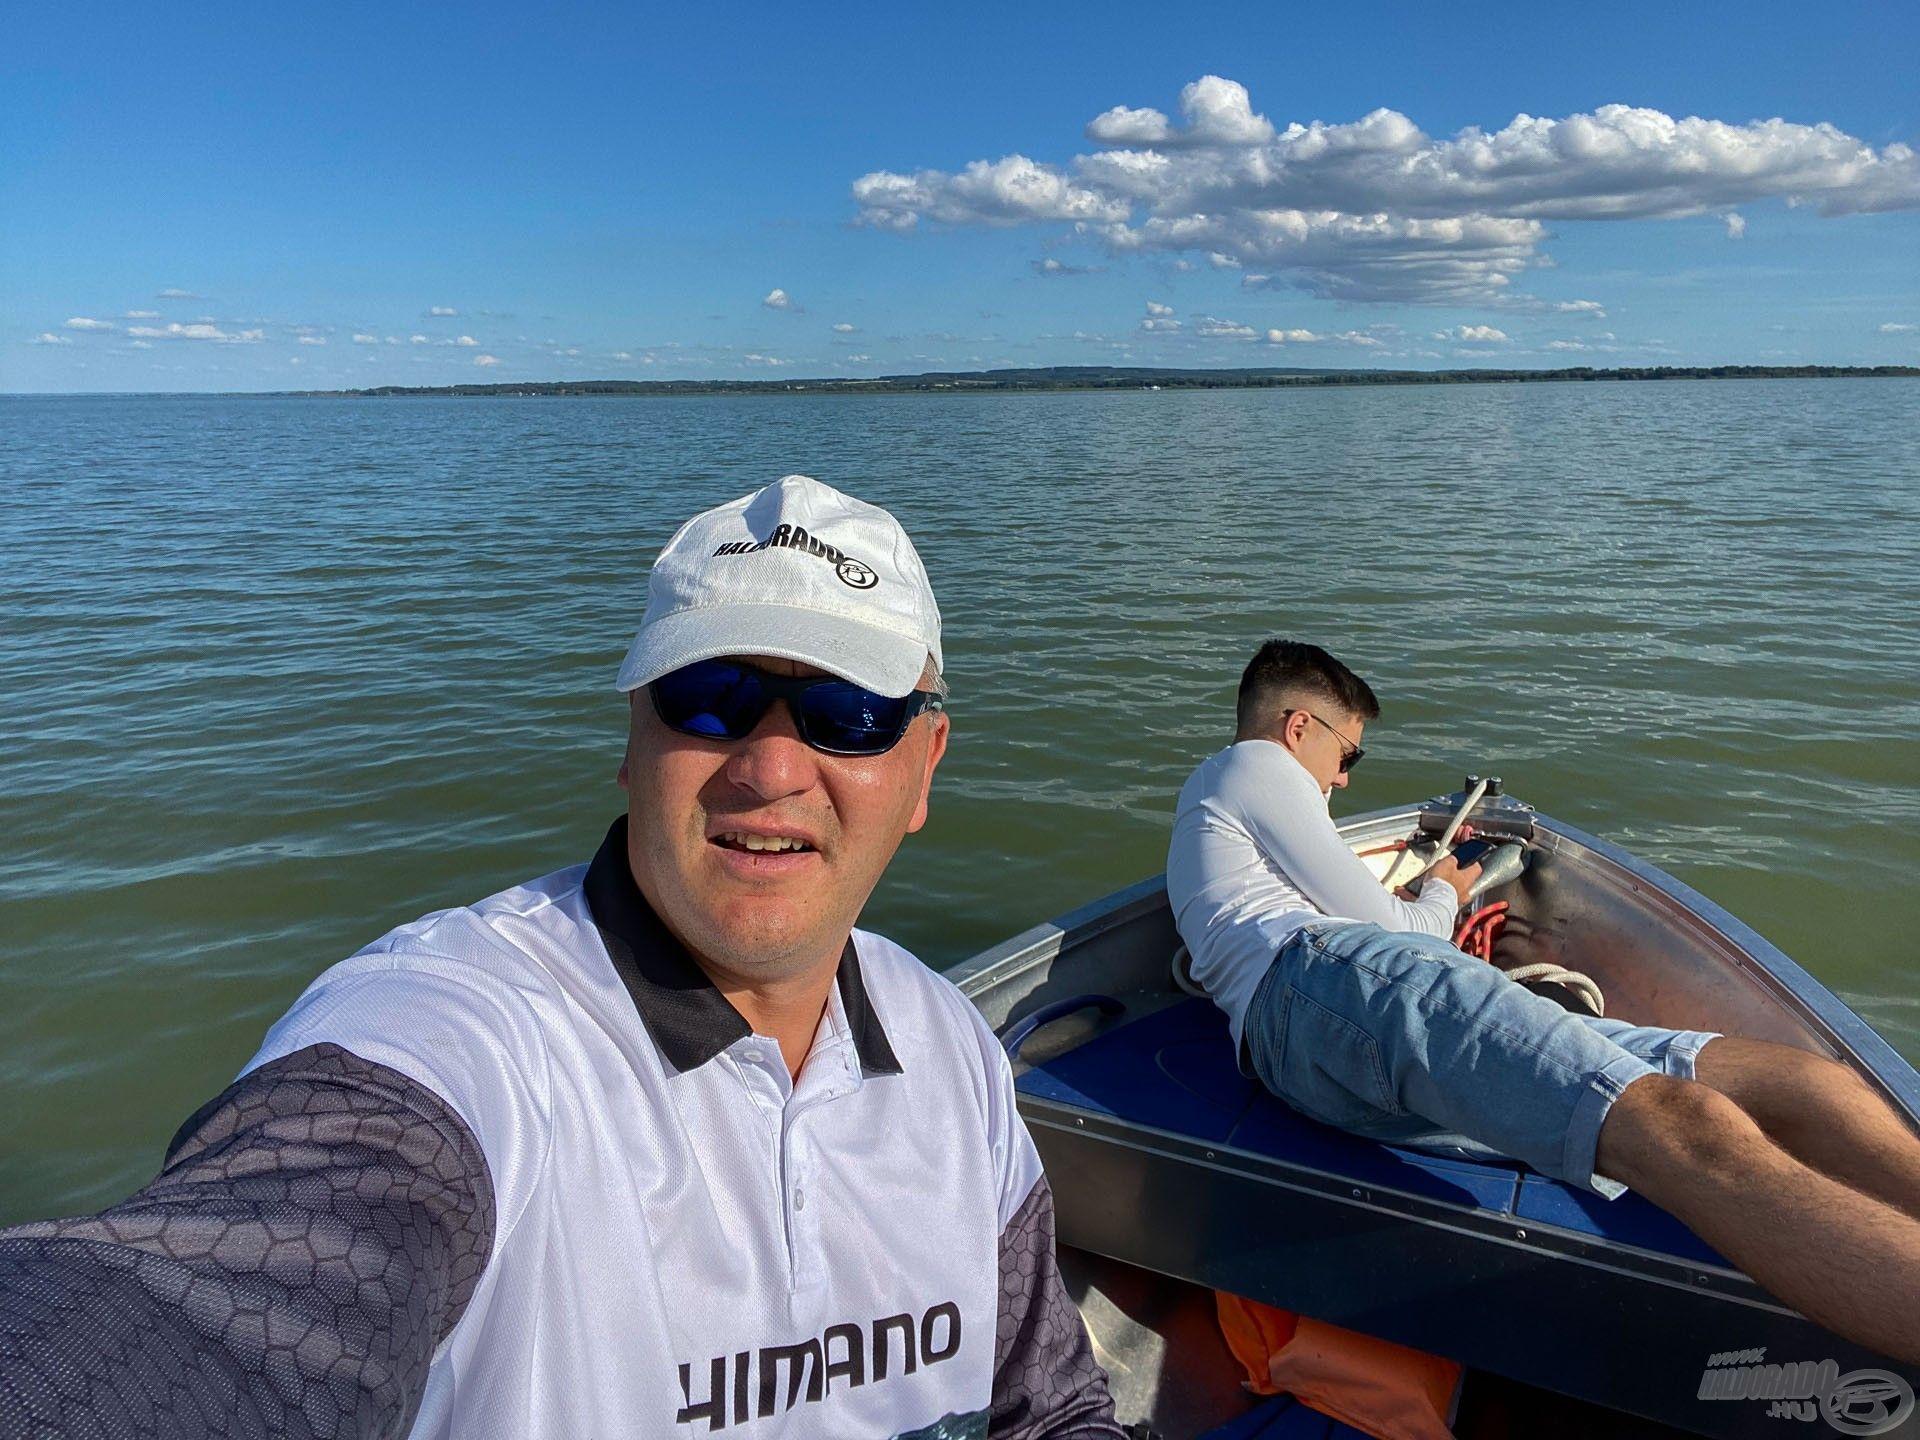 Előző nap is kimentünk 2 órára halat bogarászni…